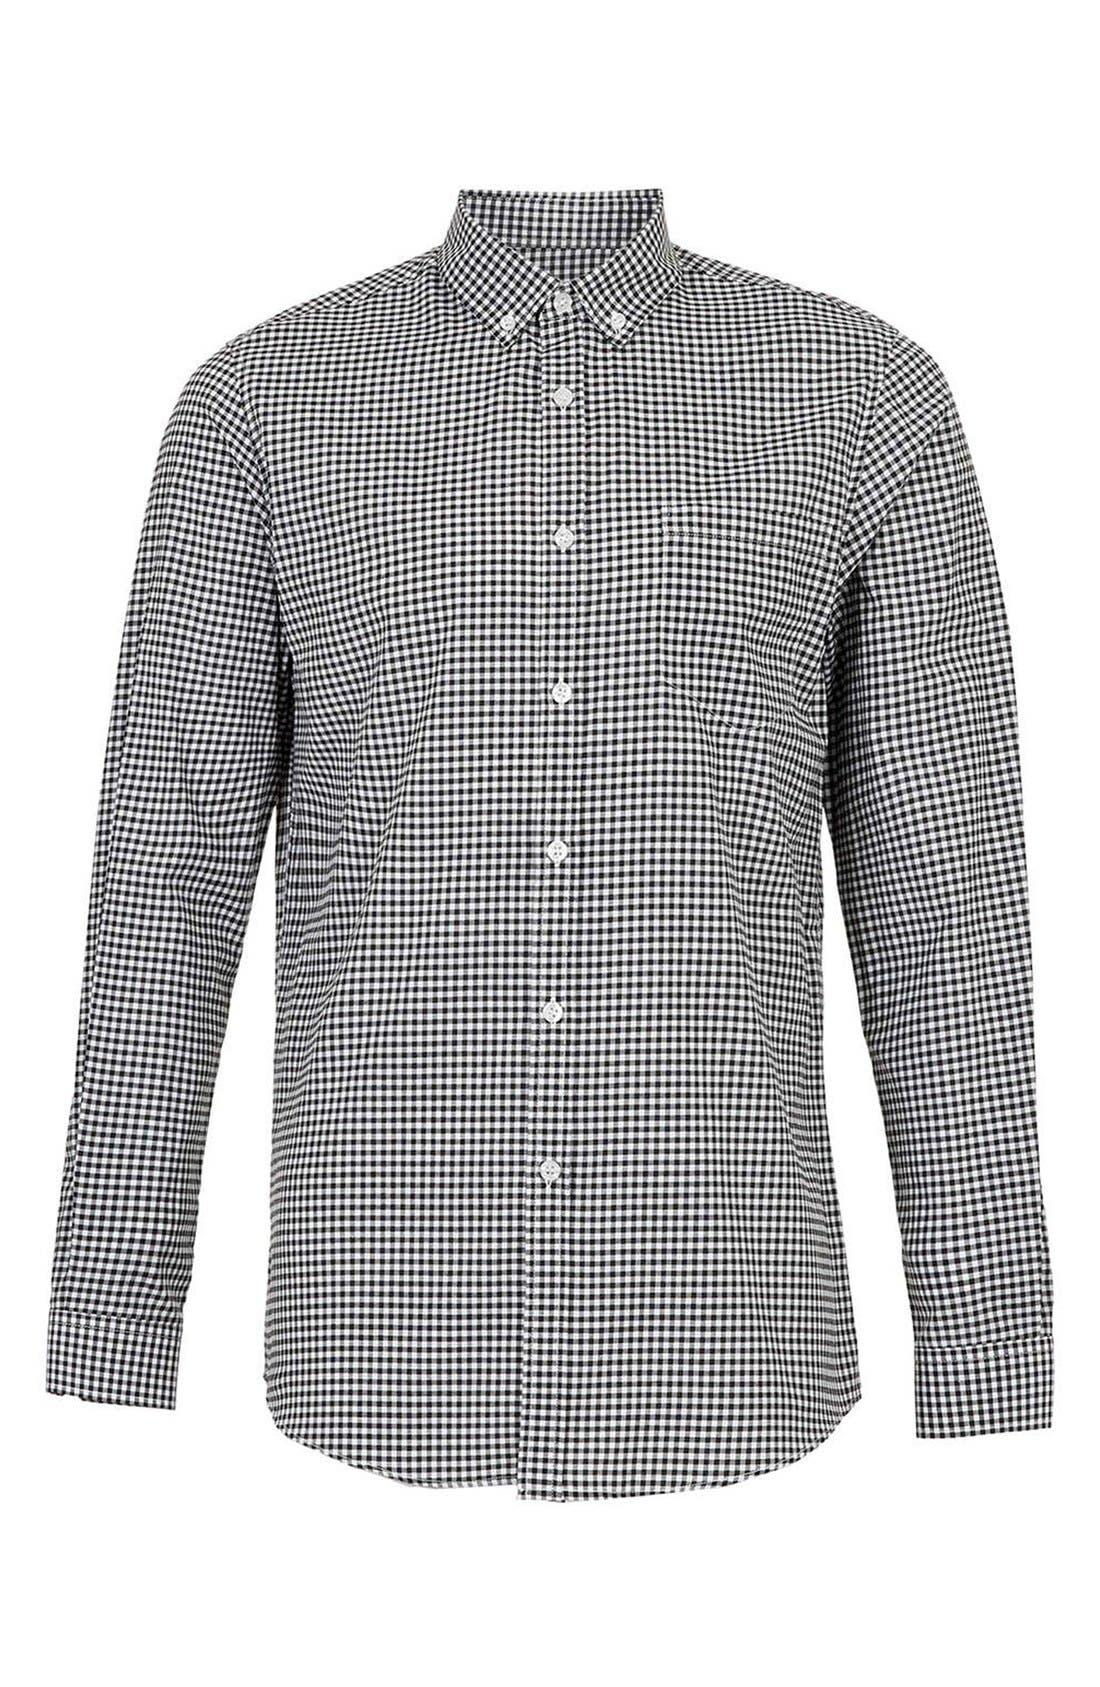 Alternate Image 1 Selected - Topman Slim Fit Gingham Shirt